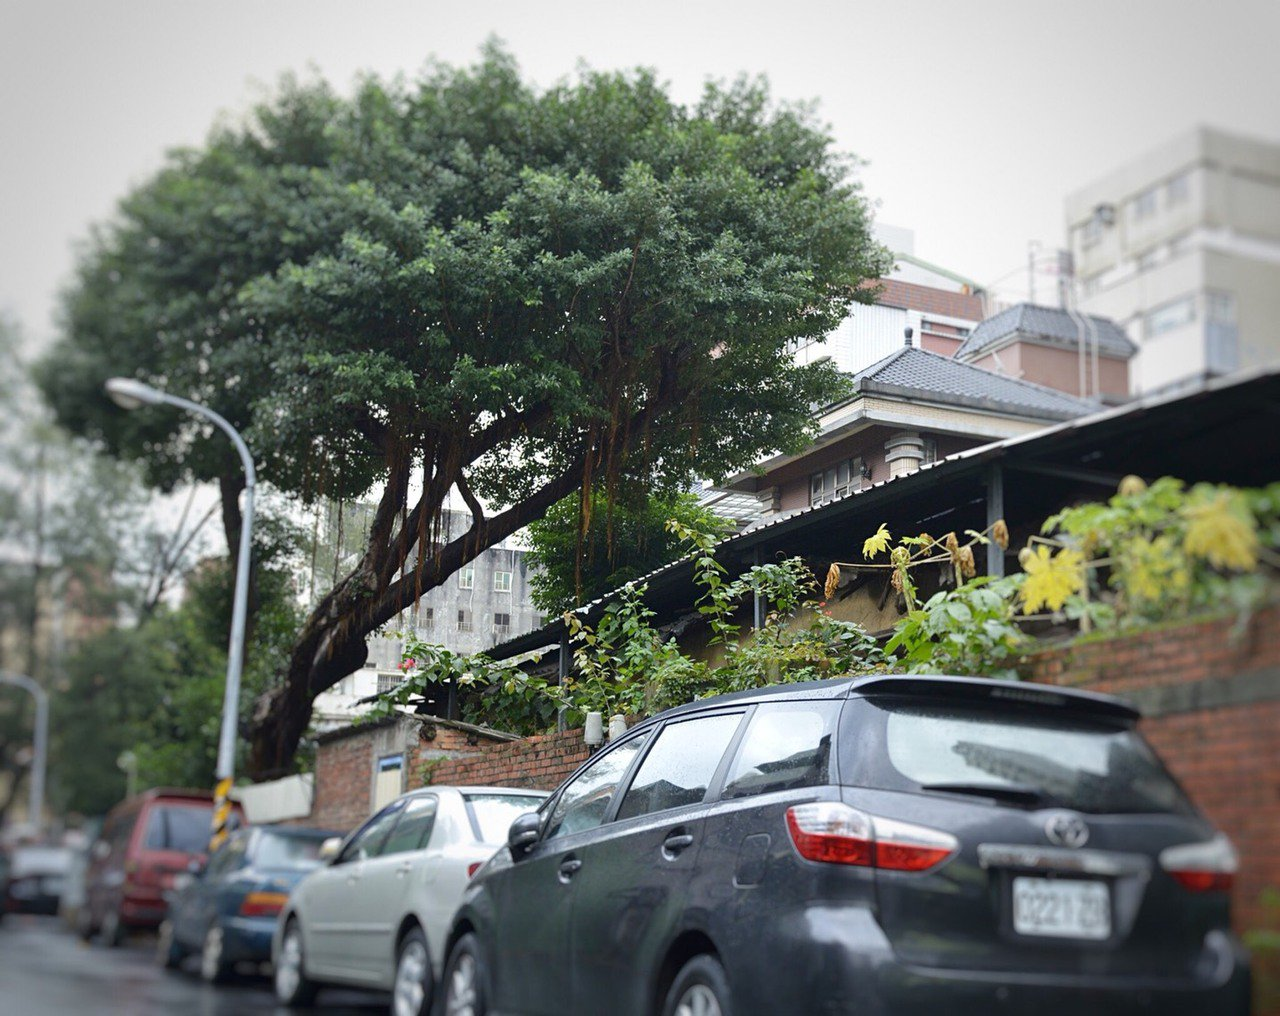 桃園市長鄭文燦今天也前往東國街日式宿舍會勘,他說,這裡同樣「原樣修復,修舊如舊、...